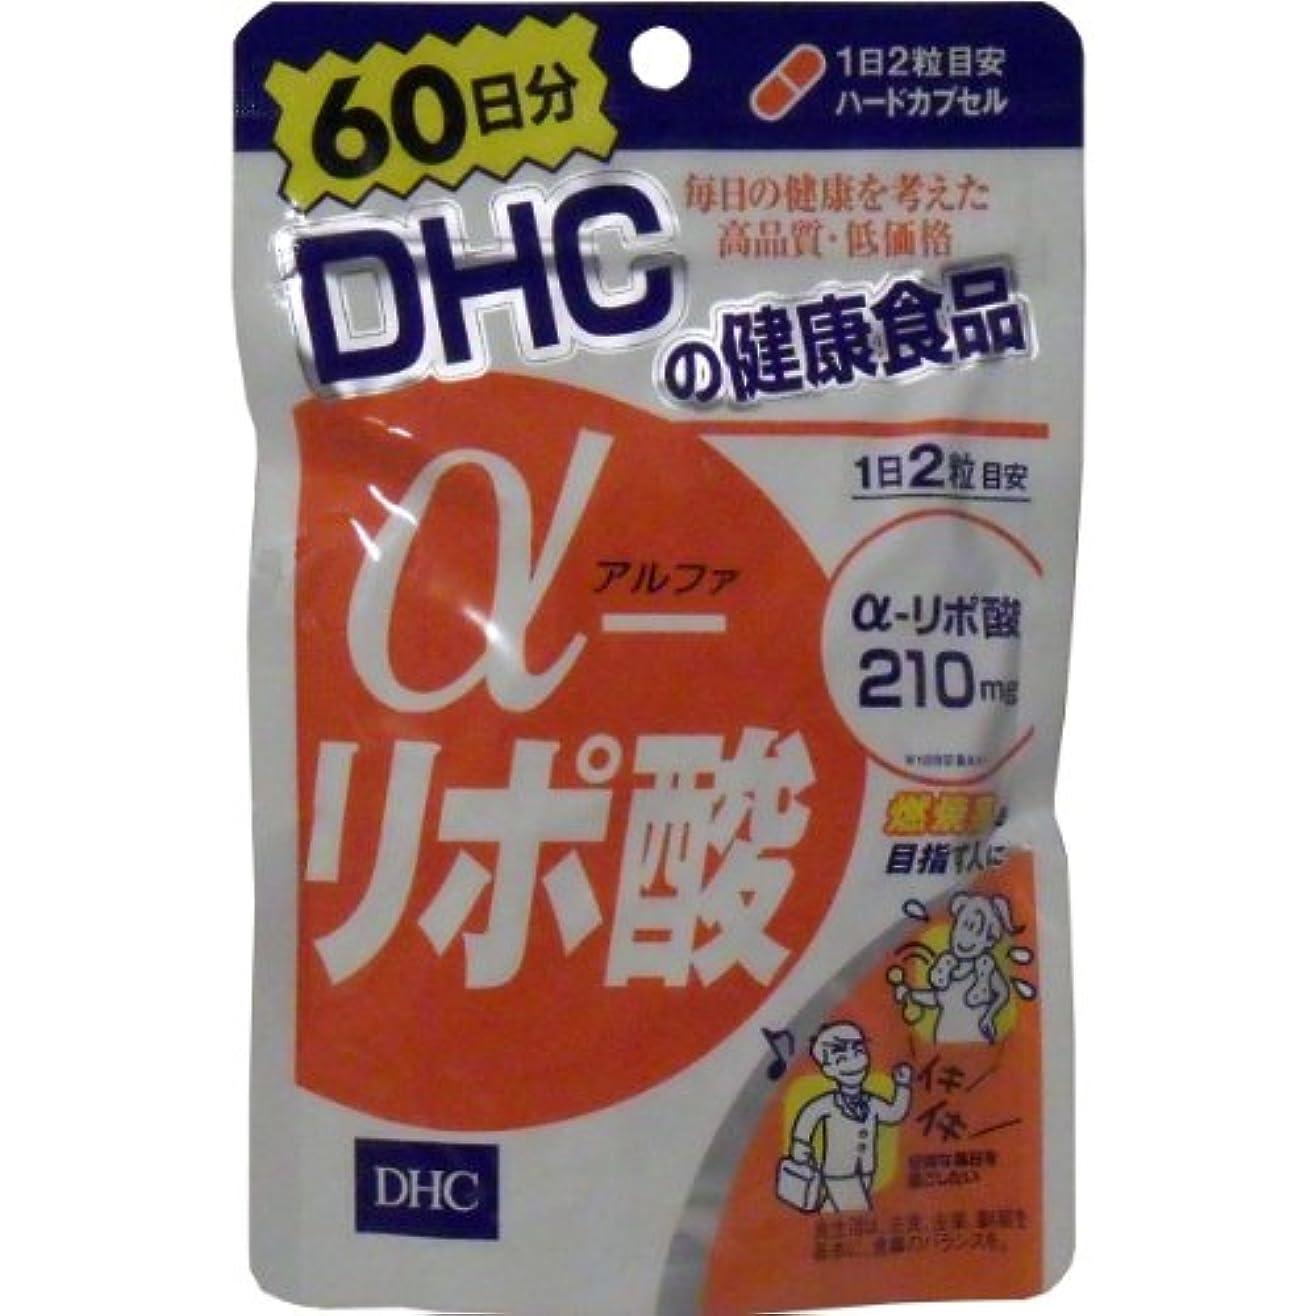 適切に牧師囲いα-リポ酸は、もともと体内にあるエネルギー活性成分。サプリメントでの効率的な補給がおすすめ!DHC120粒 60日分 【3個セット】